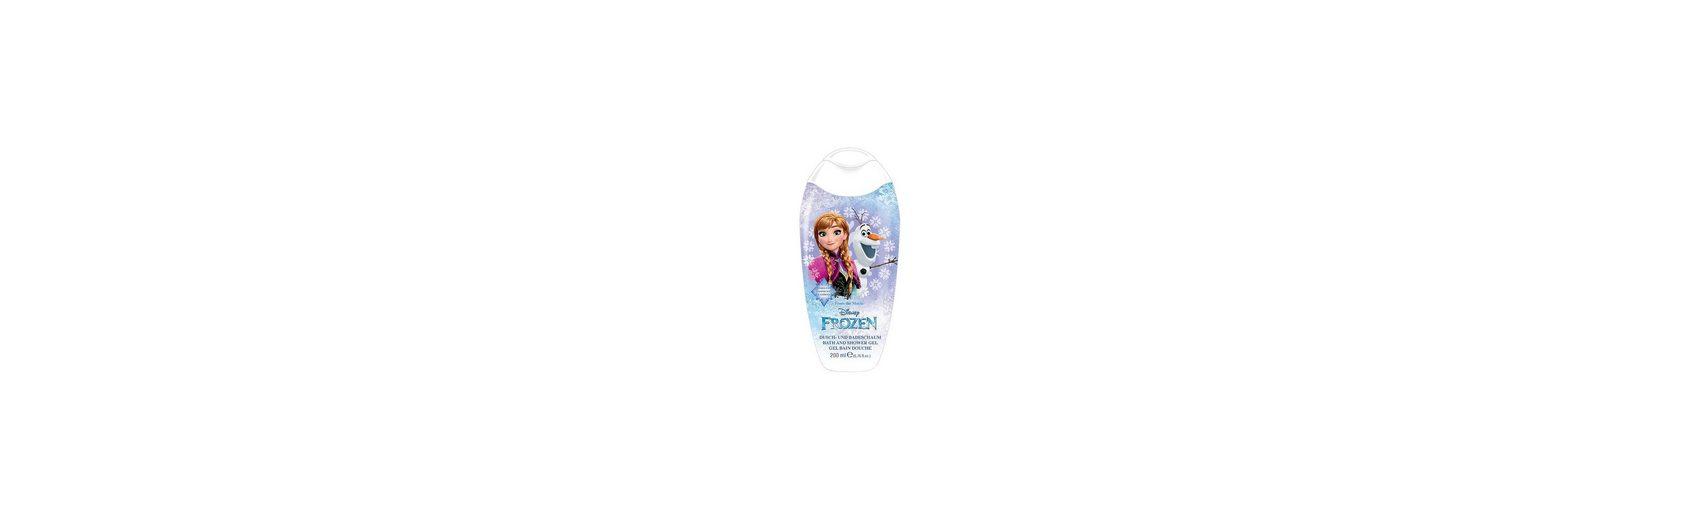 Dusch- und Badeschaum, Die Eiskönigin, 200 ml